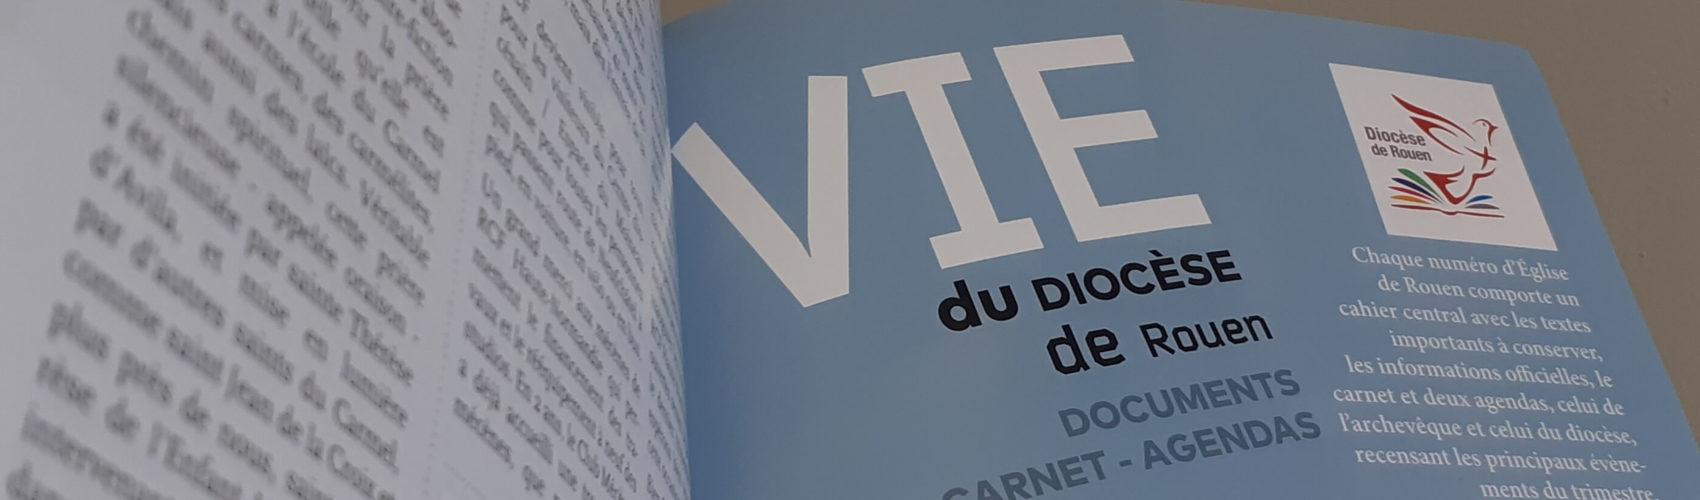 Bandeau présentation EDR - Site